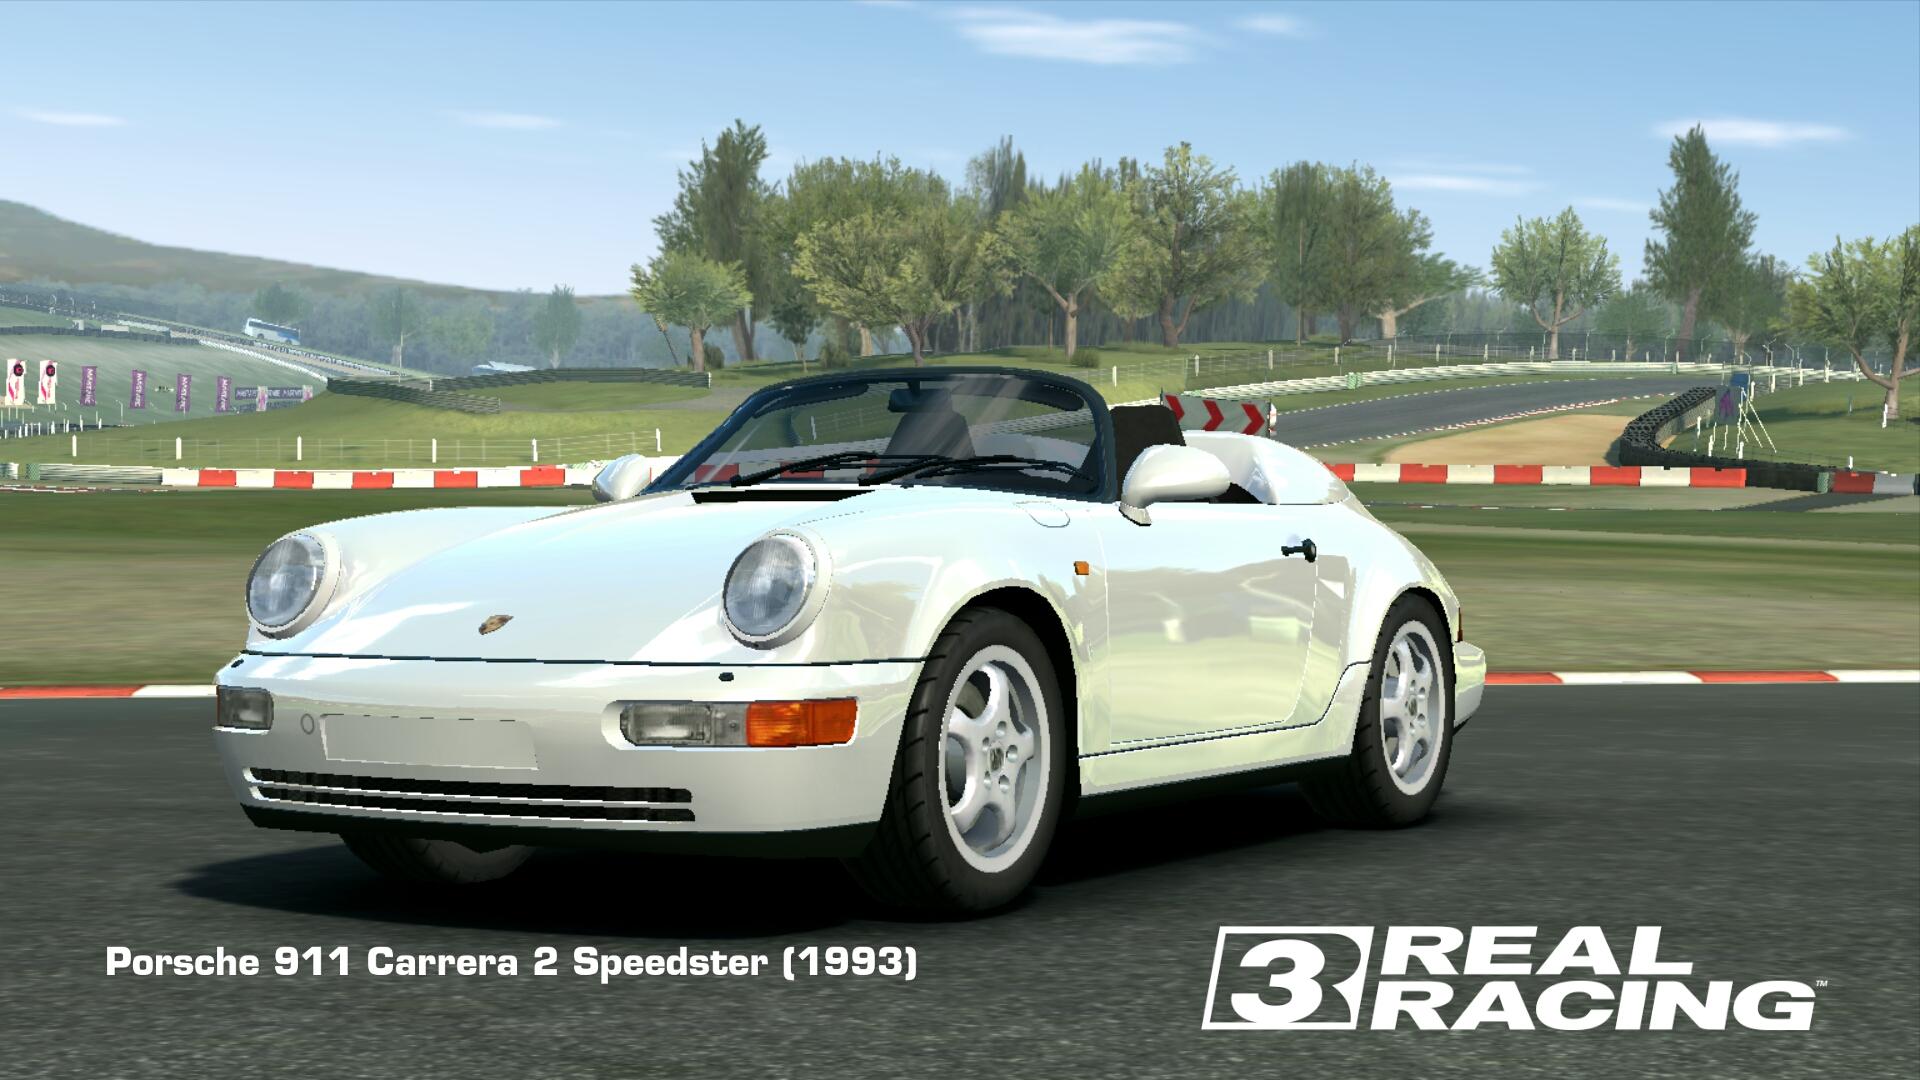 Showcase Porsche 911 Carrera 2 Speedster (1993)